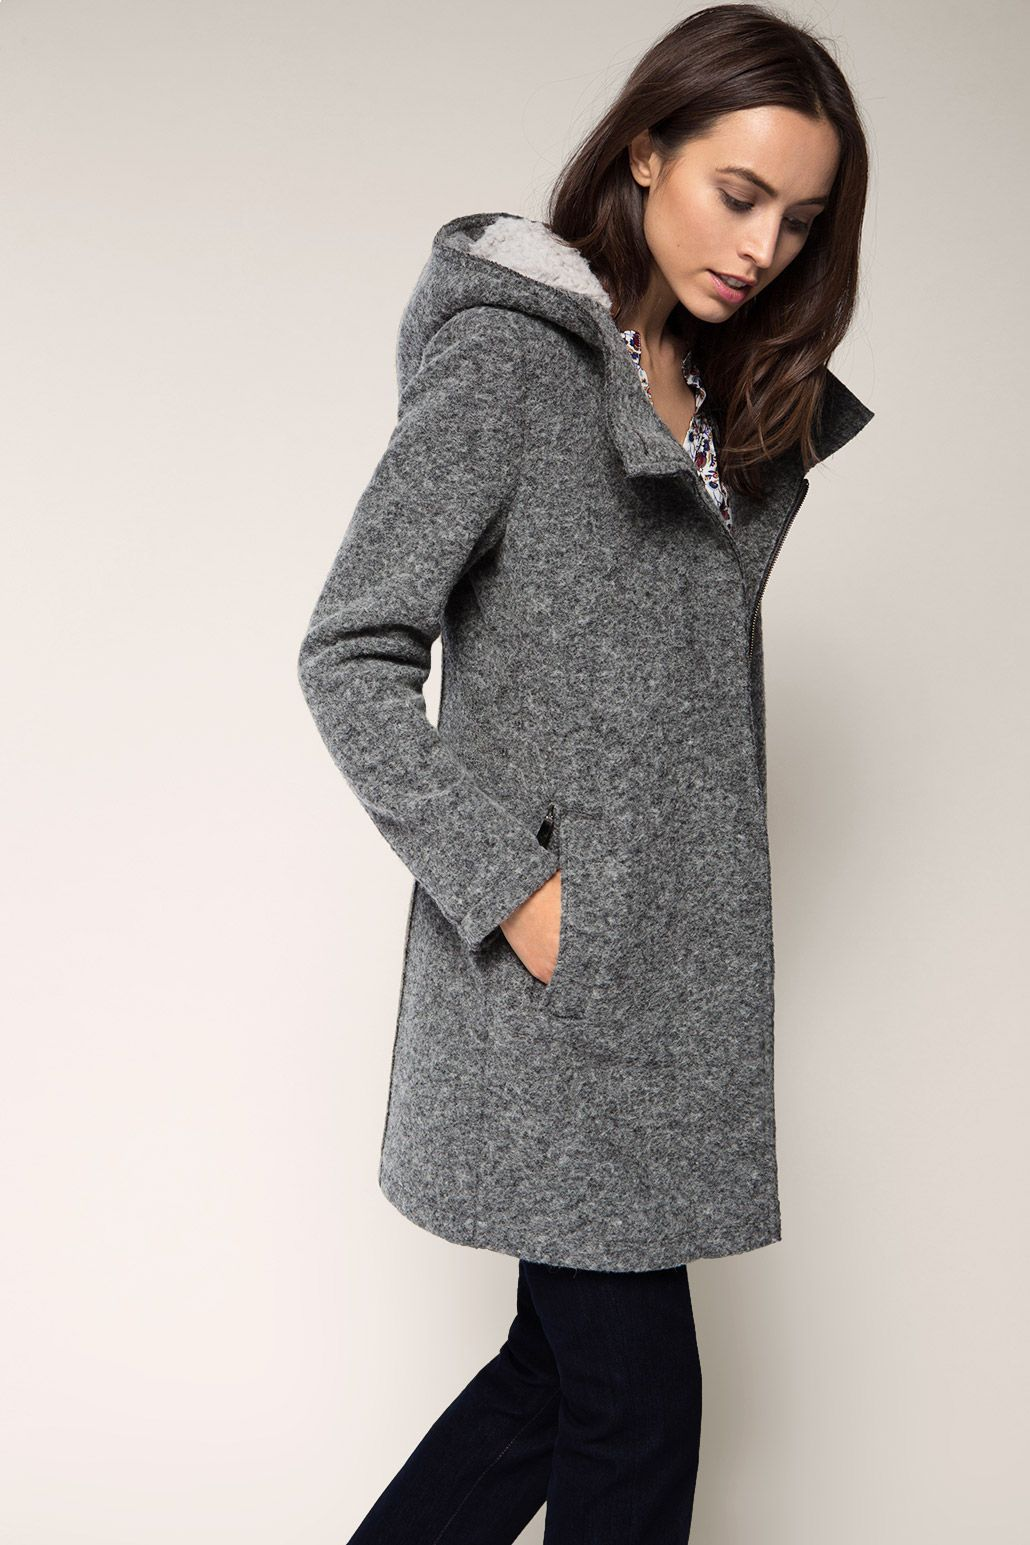 Mantel Aus Woll Mix Mit Webfell Kapuze Mantel Mantel Mit Kapuze Mantel Esprit